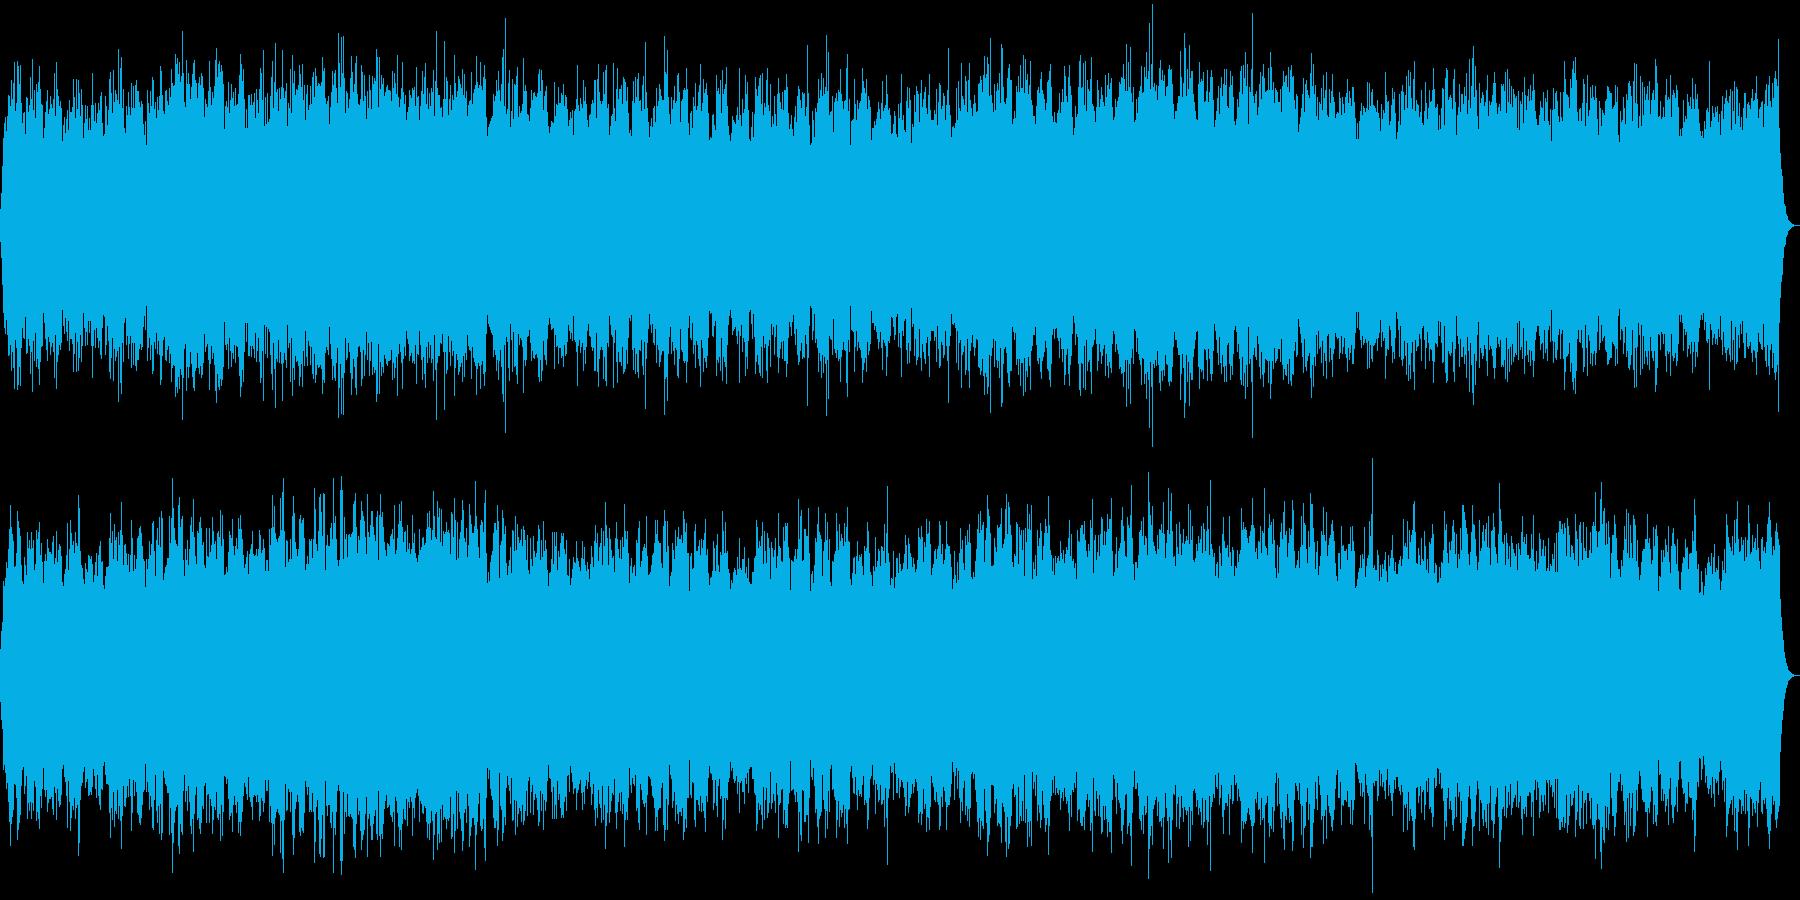 『森の昼寝』リラックスできるヒーリング音の再生済みの波形